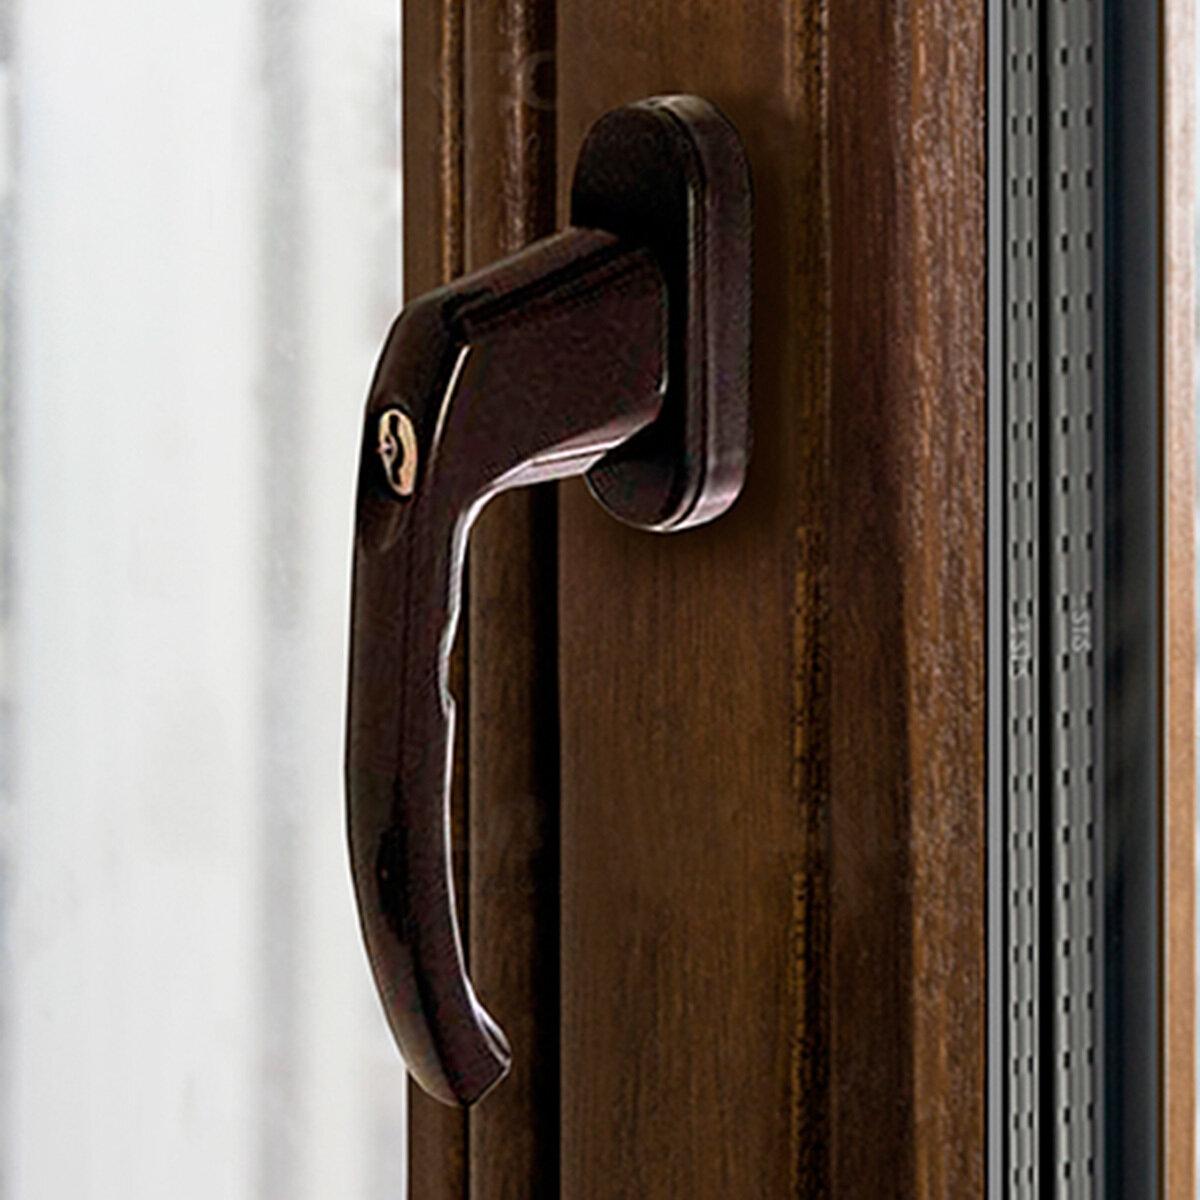 Оконная ручка с замком штифт 35мм, коричневая